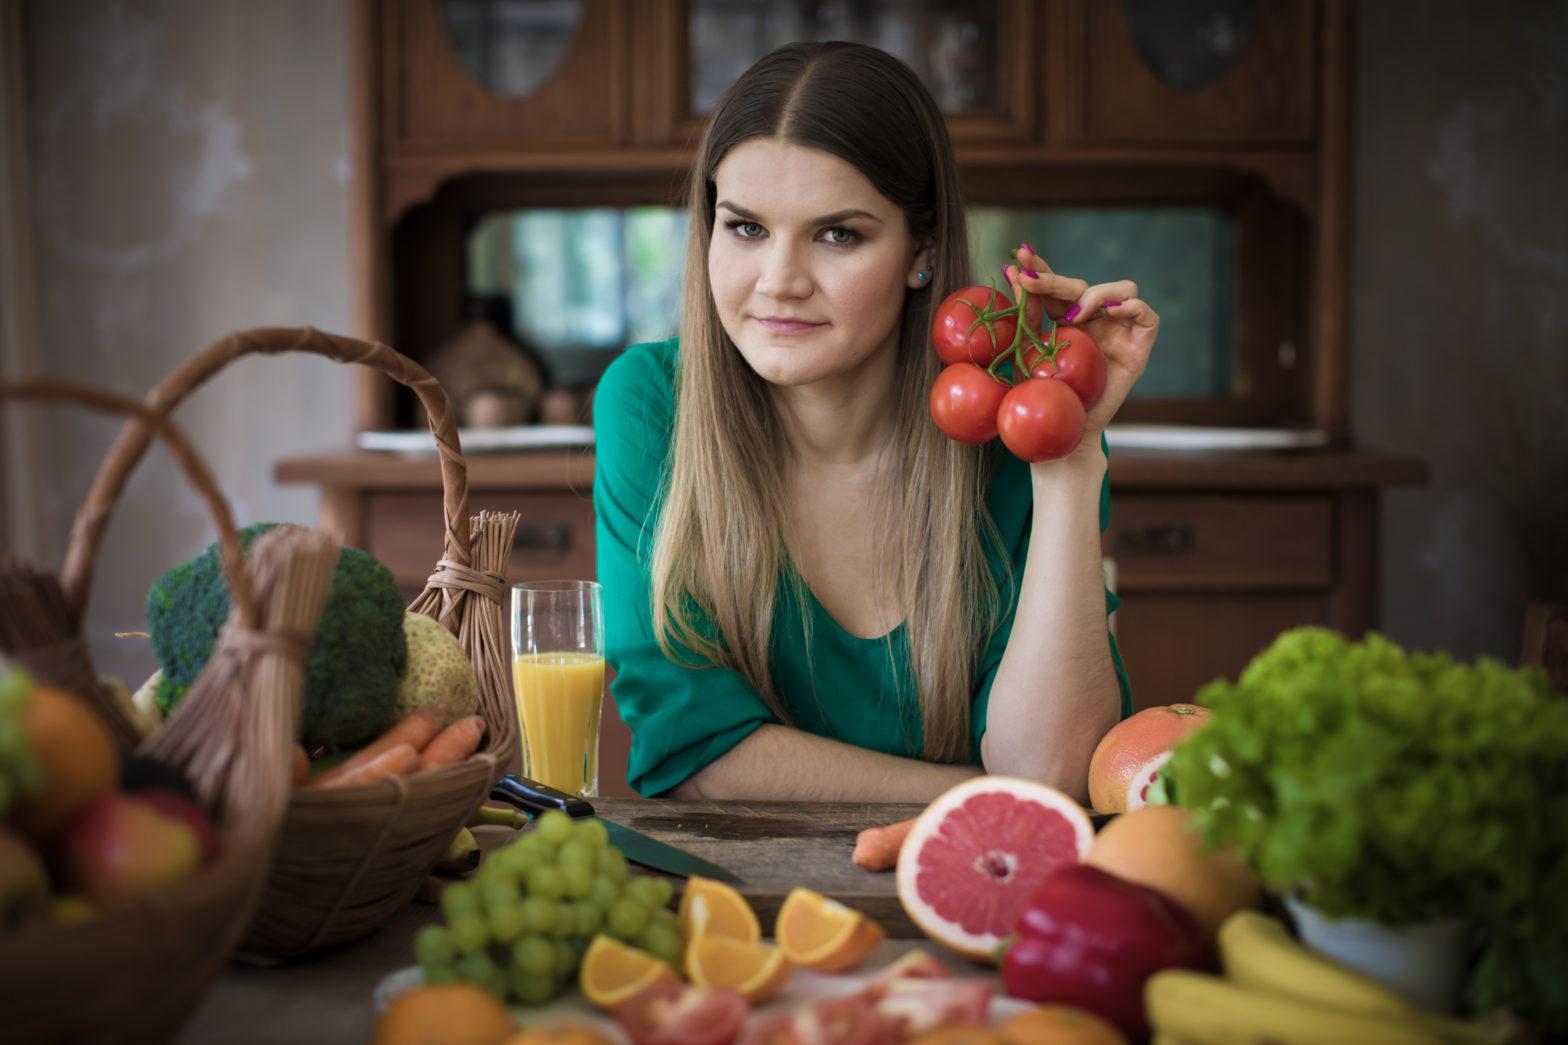 Usługi oferta współpraca - dietetyk Marta Skoczeń - Warszawa Wyszków - dietoterapia, konsultacje dietetyczne, układanie jadłospisu, treningi personalne